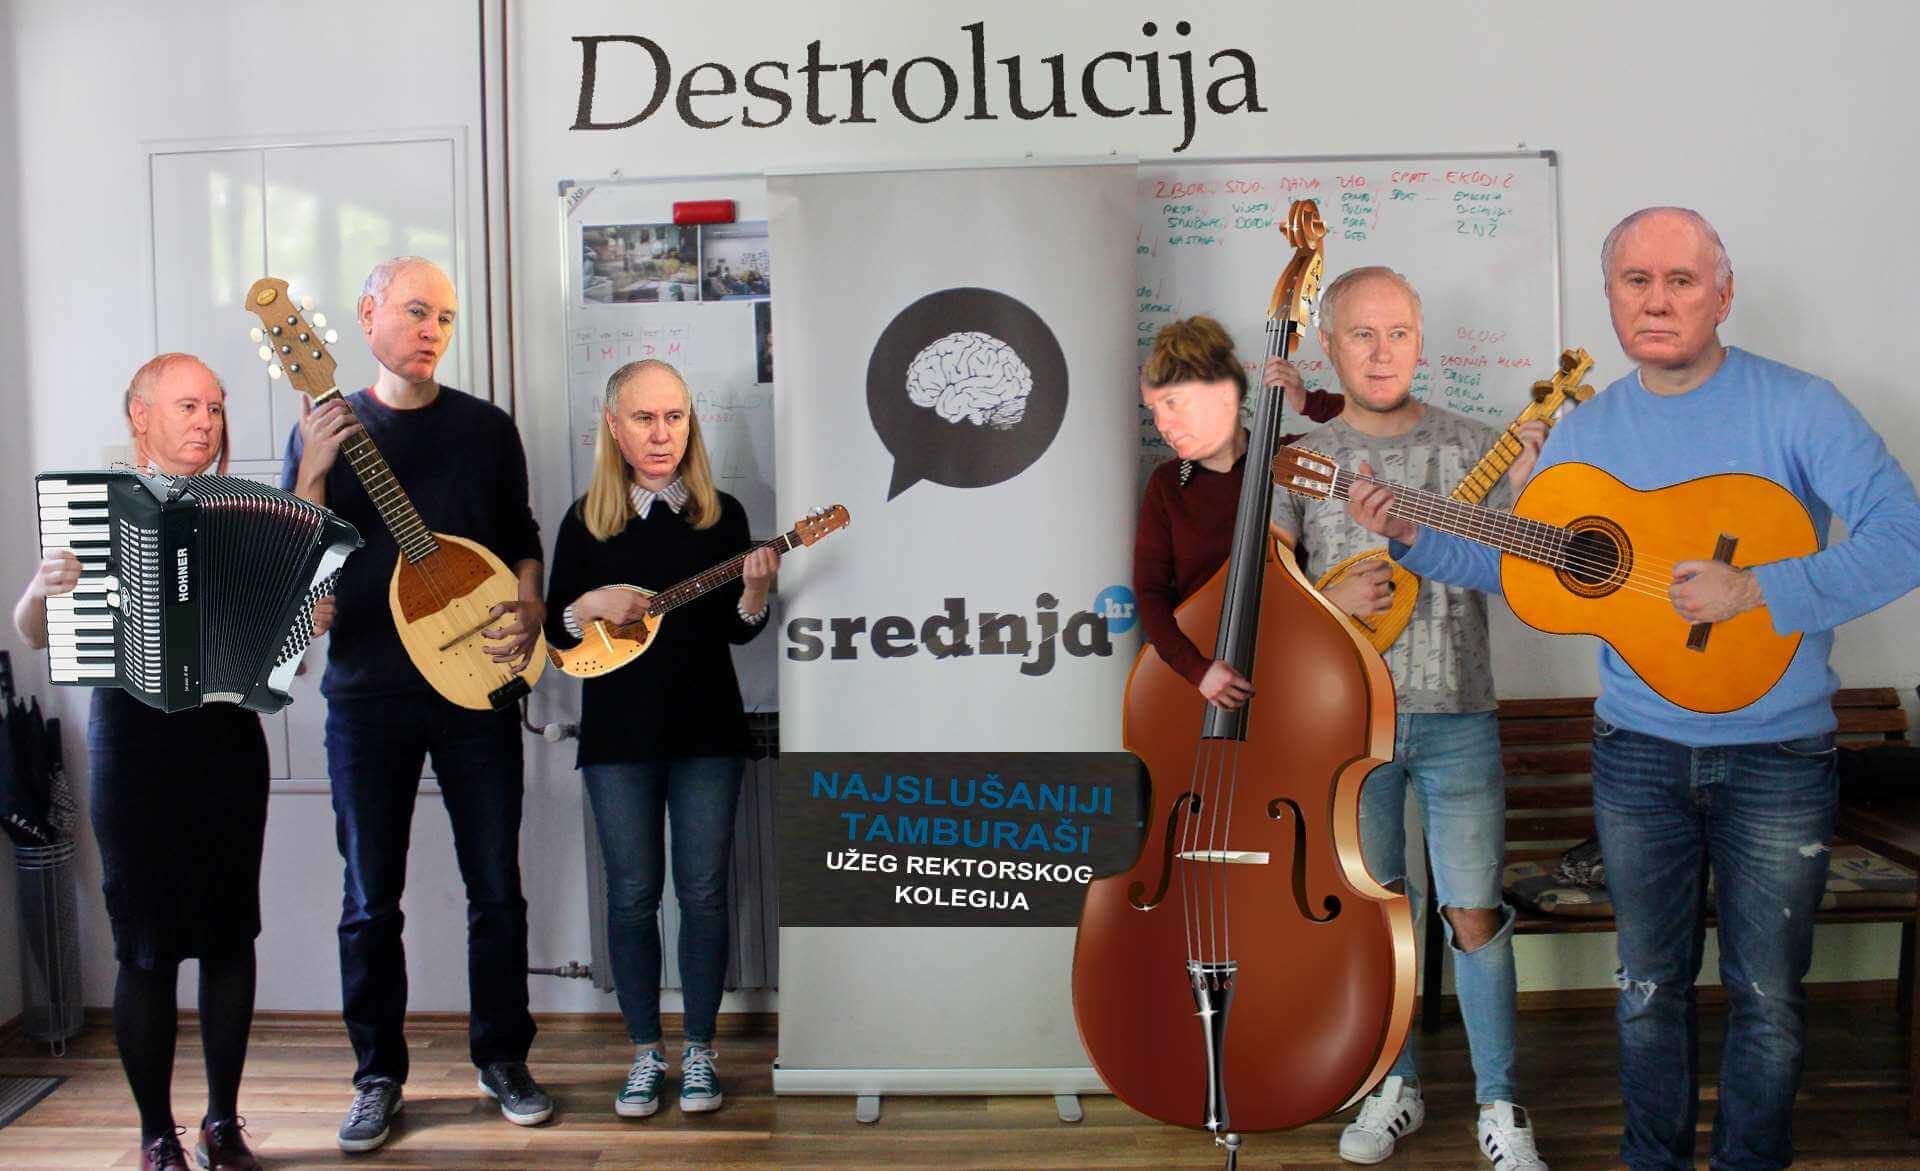 Lokalni tamburaši sa srednja.hr: Dva nova singla s albuma DESTROLUCIJA